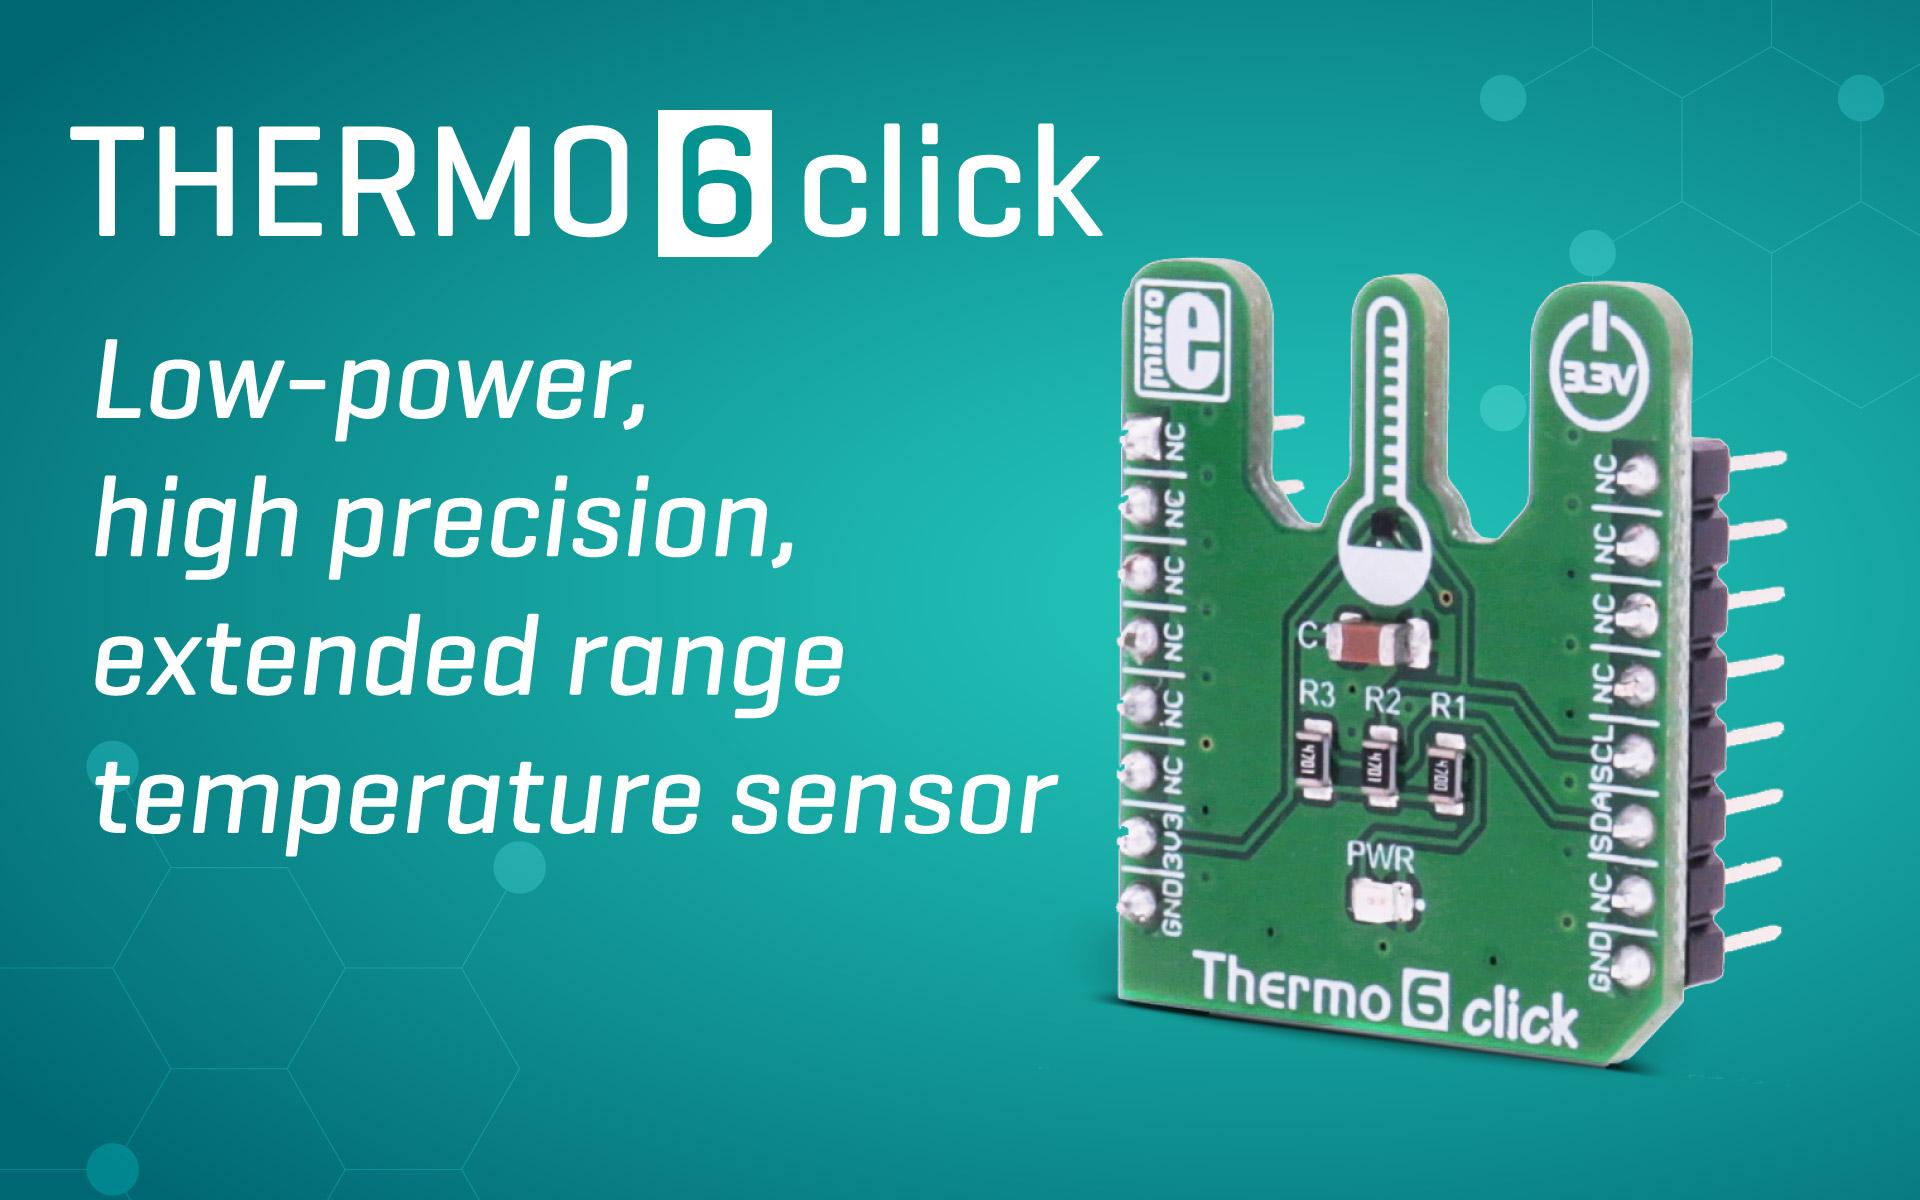 Thermo 6 click  - low power, high precision temperature sensor